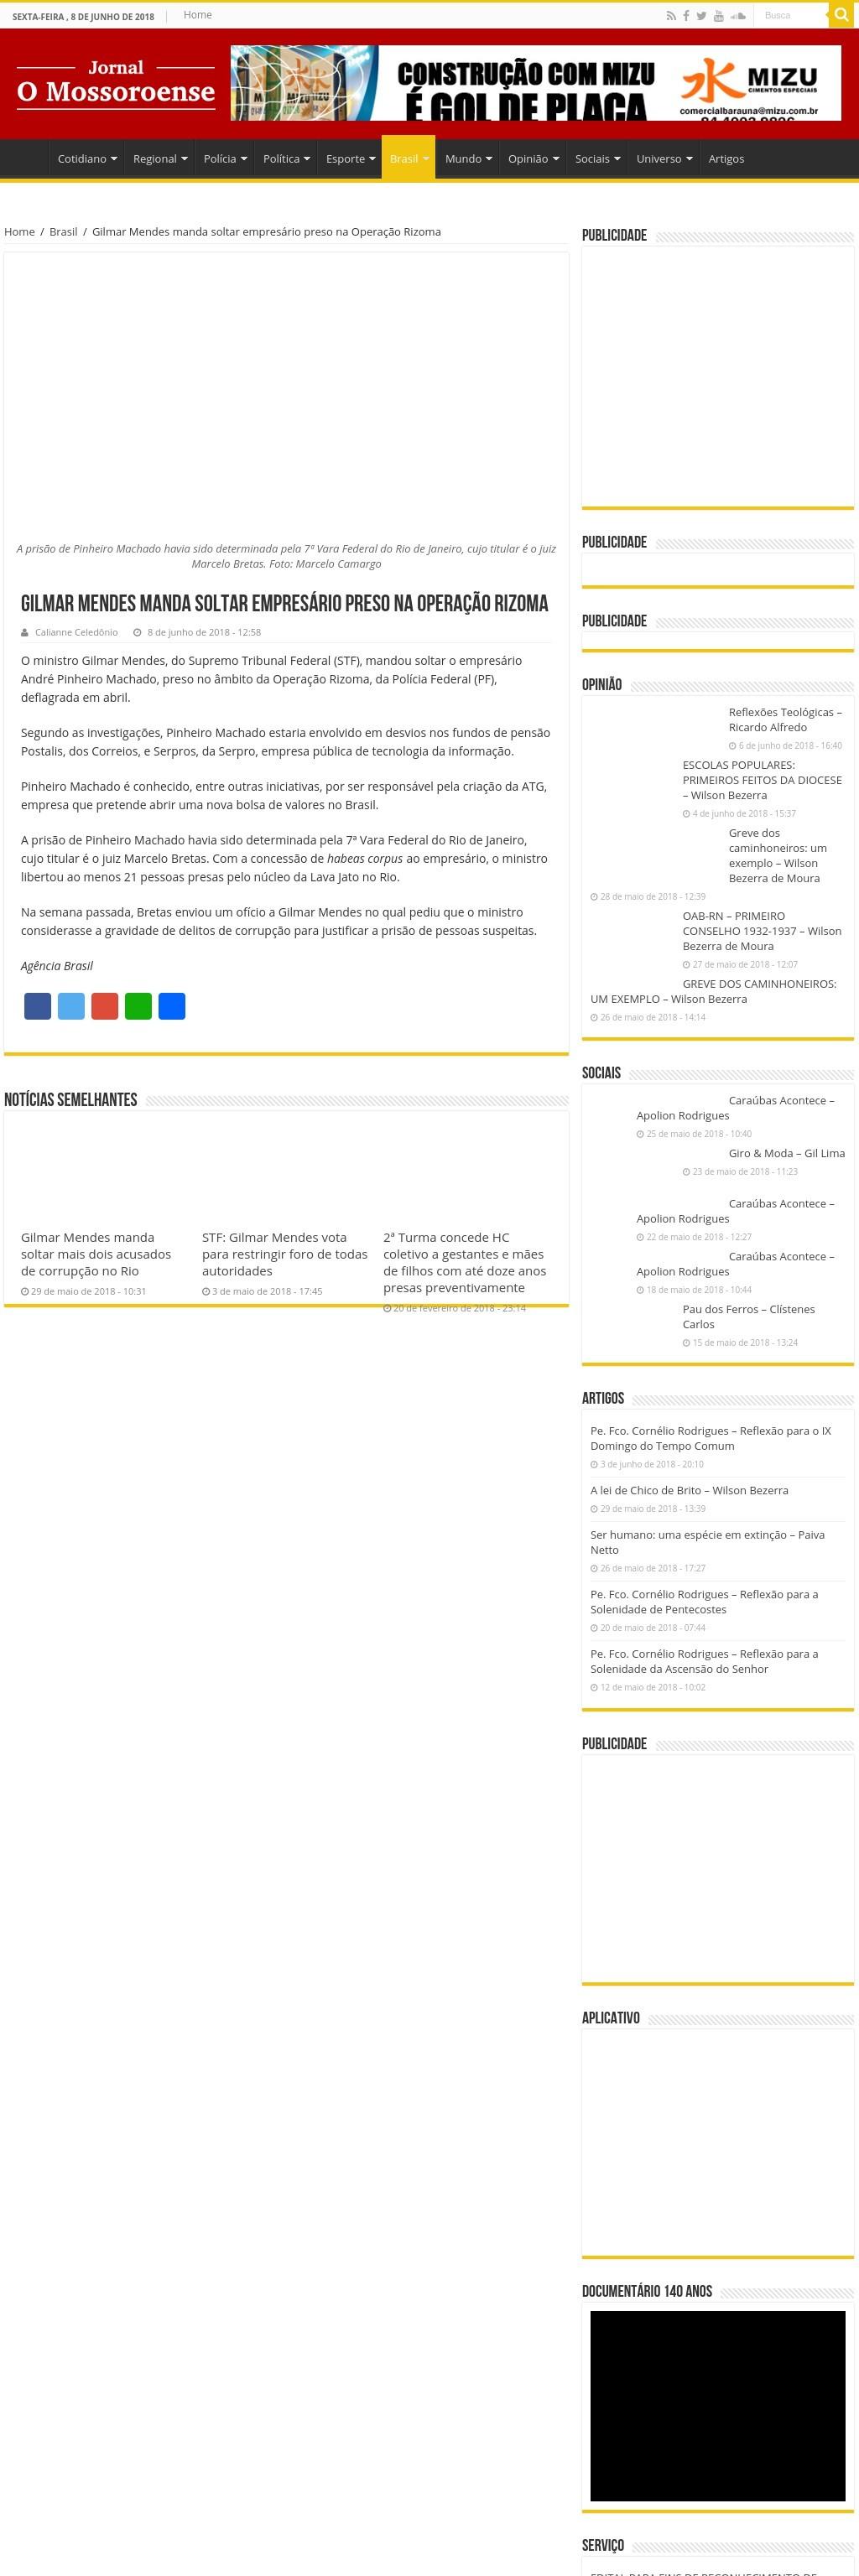 Calendario Pasep 2019 Banco Do Brasil Recientes Junho 2018 Of Calendario Pasep 2019 Banco Do Brasil Más Recientes N£o Sabe Se Tem Dinheiro Em Contas Inativas Do Fgts Veja O